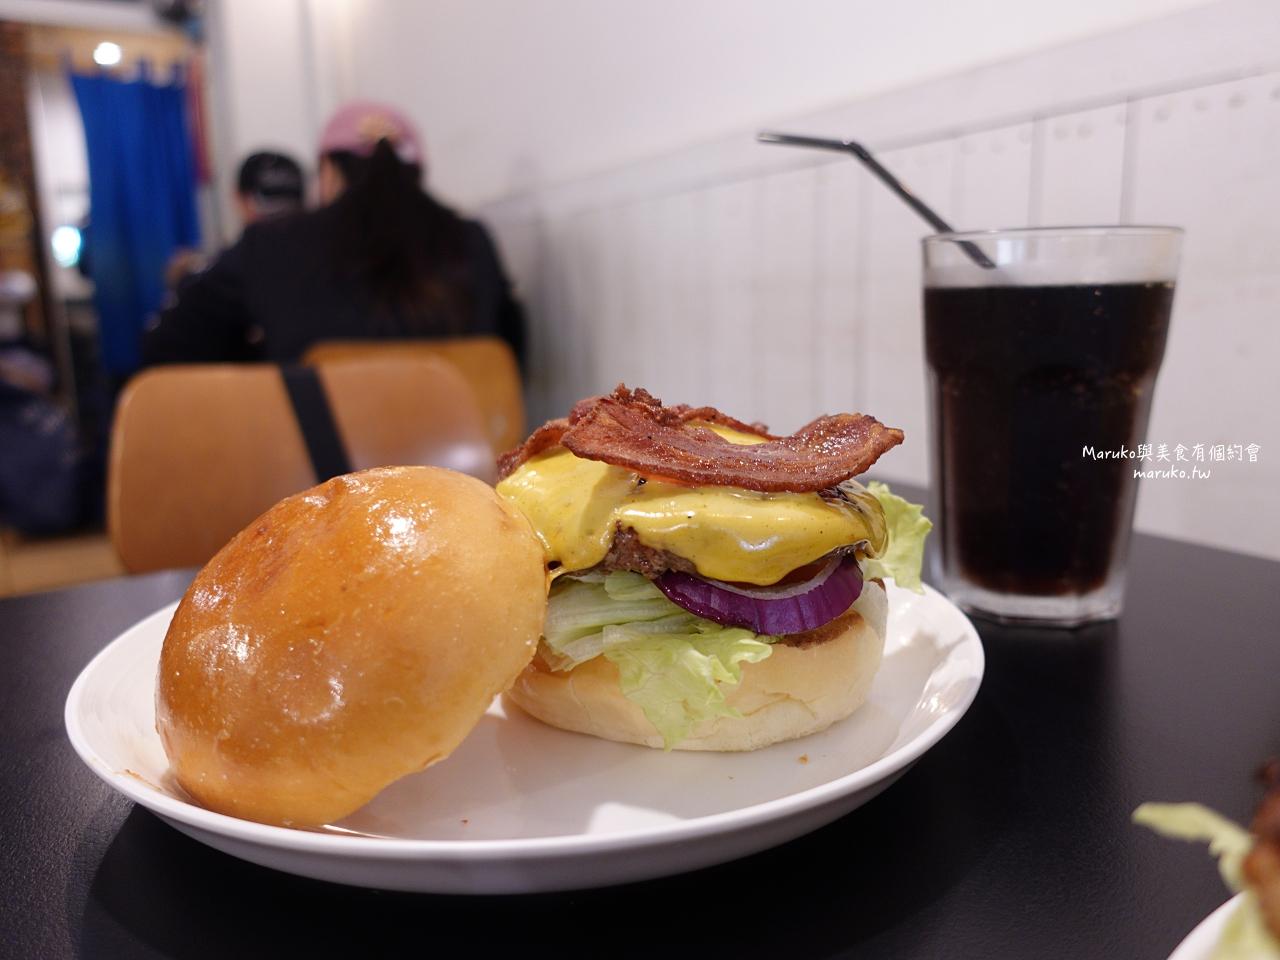 【台北】AWESOME BURGER 澳森漢堡/隱藏巷內迷你小店老饕都愛的漢堡/平價實在值得再訪/市政府站美式漢堡 @Maruko與美食有個約會